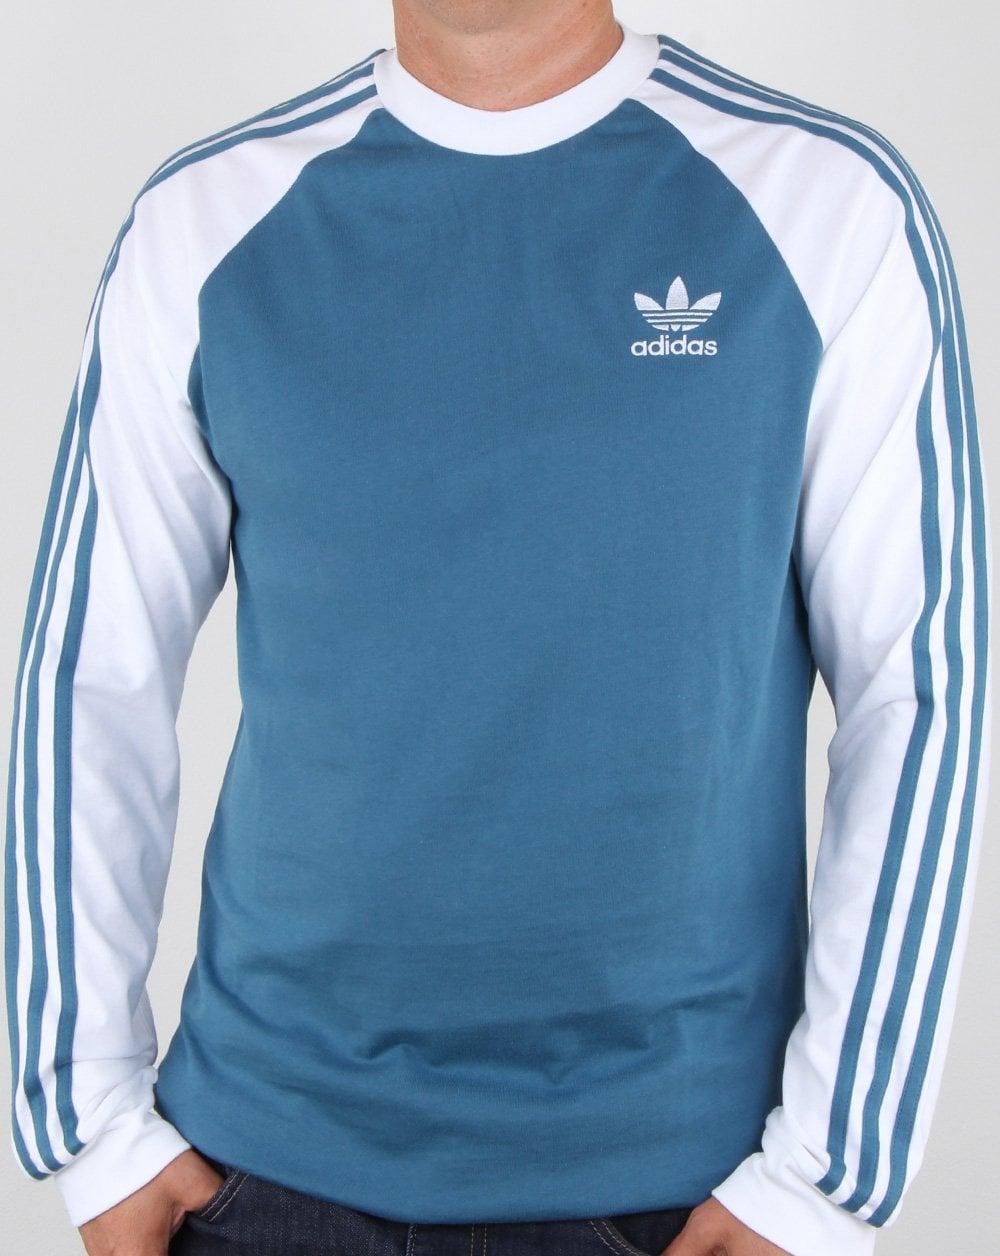 69ac807b1 adidas Originals Adidas Originals 3 Stripes Long Sleeve T Shirt Blanch Blue